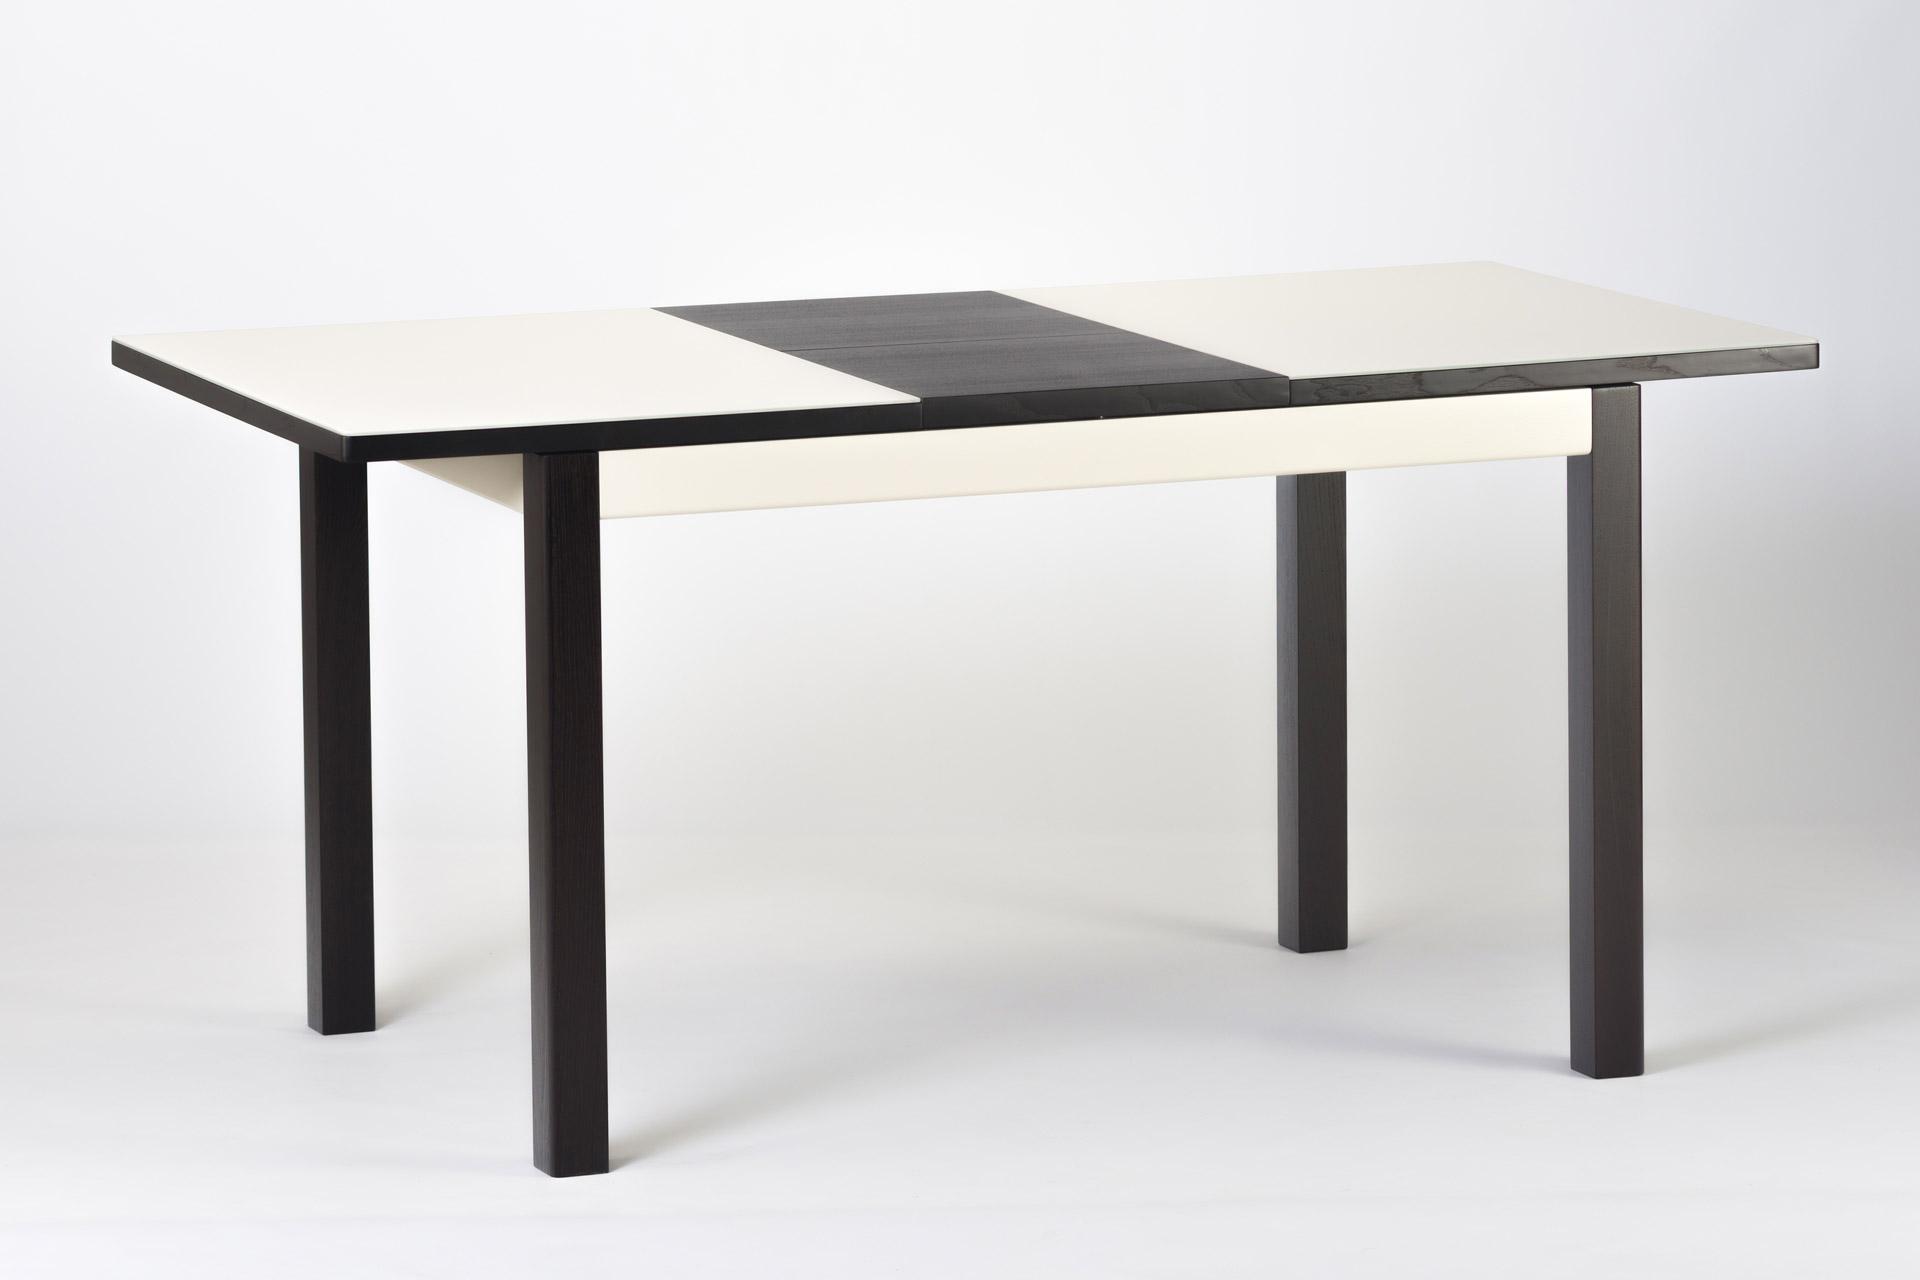 """Раскладной прямоугольный кухонный стол """"Фишер-обновленный"""" бежевая стеклянная столешница и черные ножки с твердого дерева. Разложенный"""